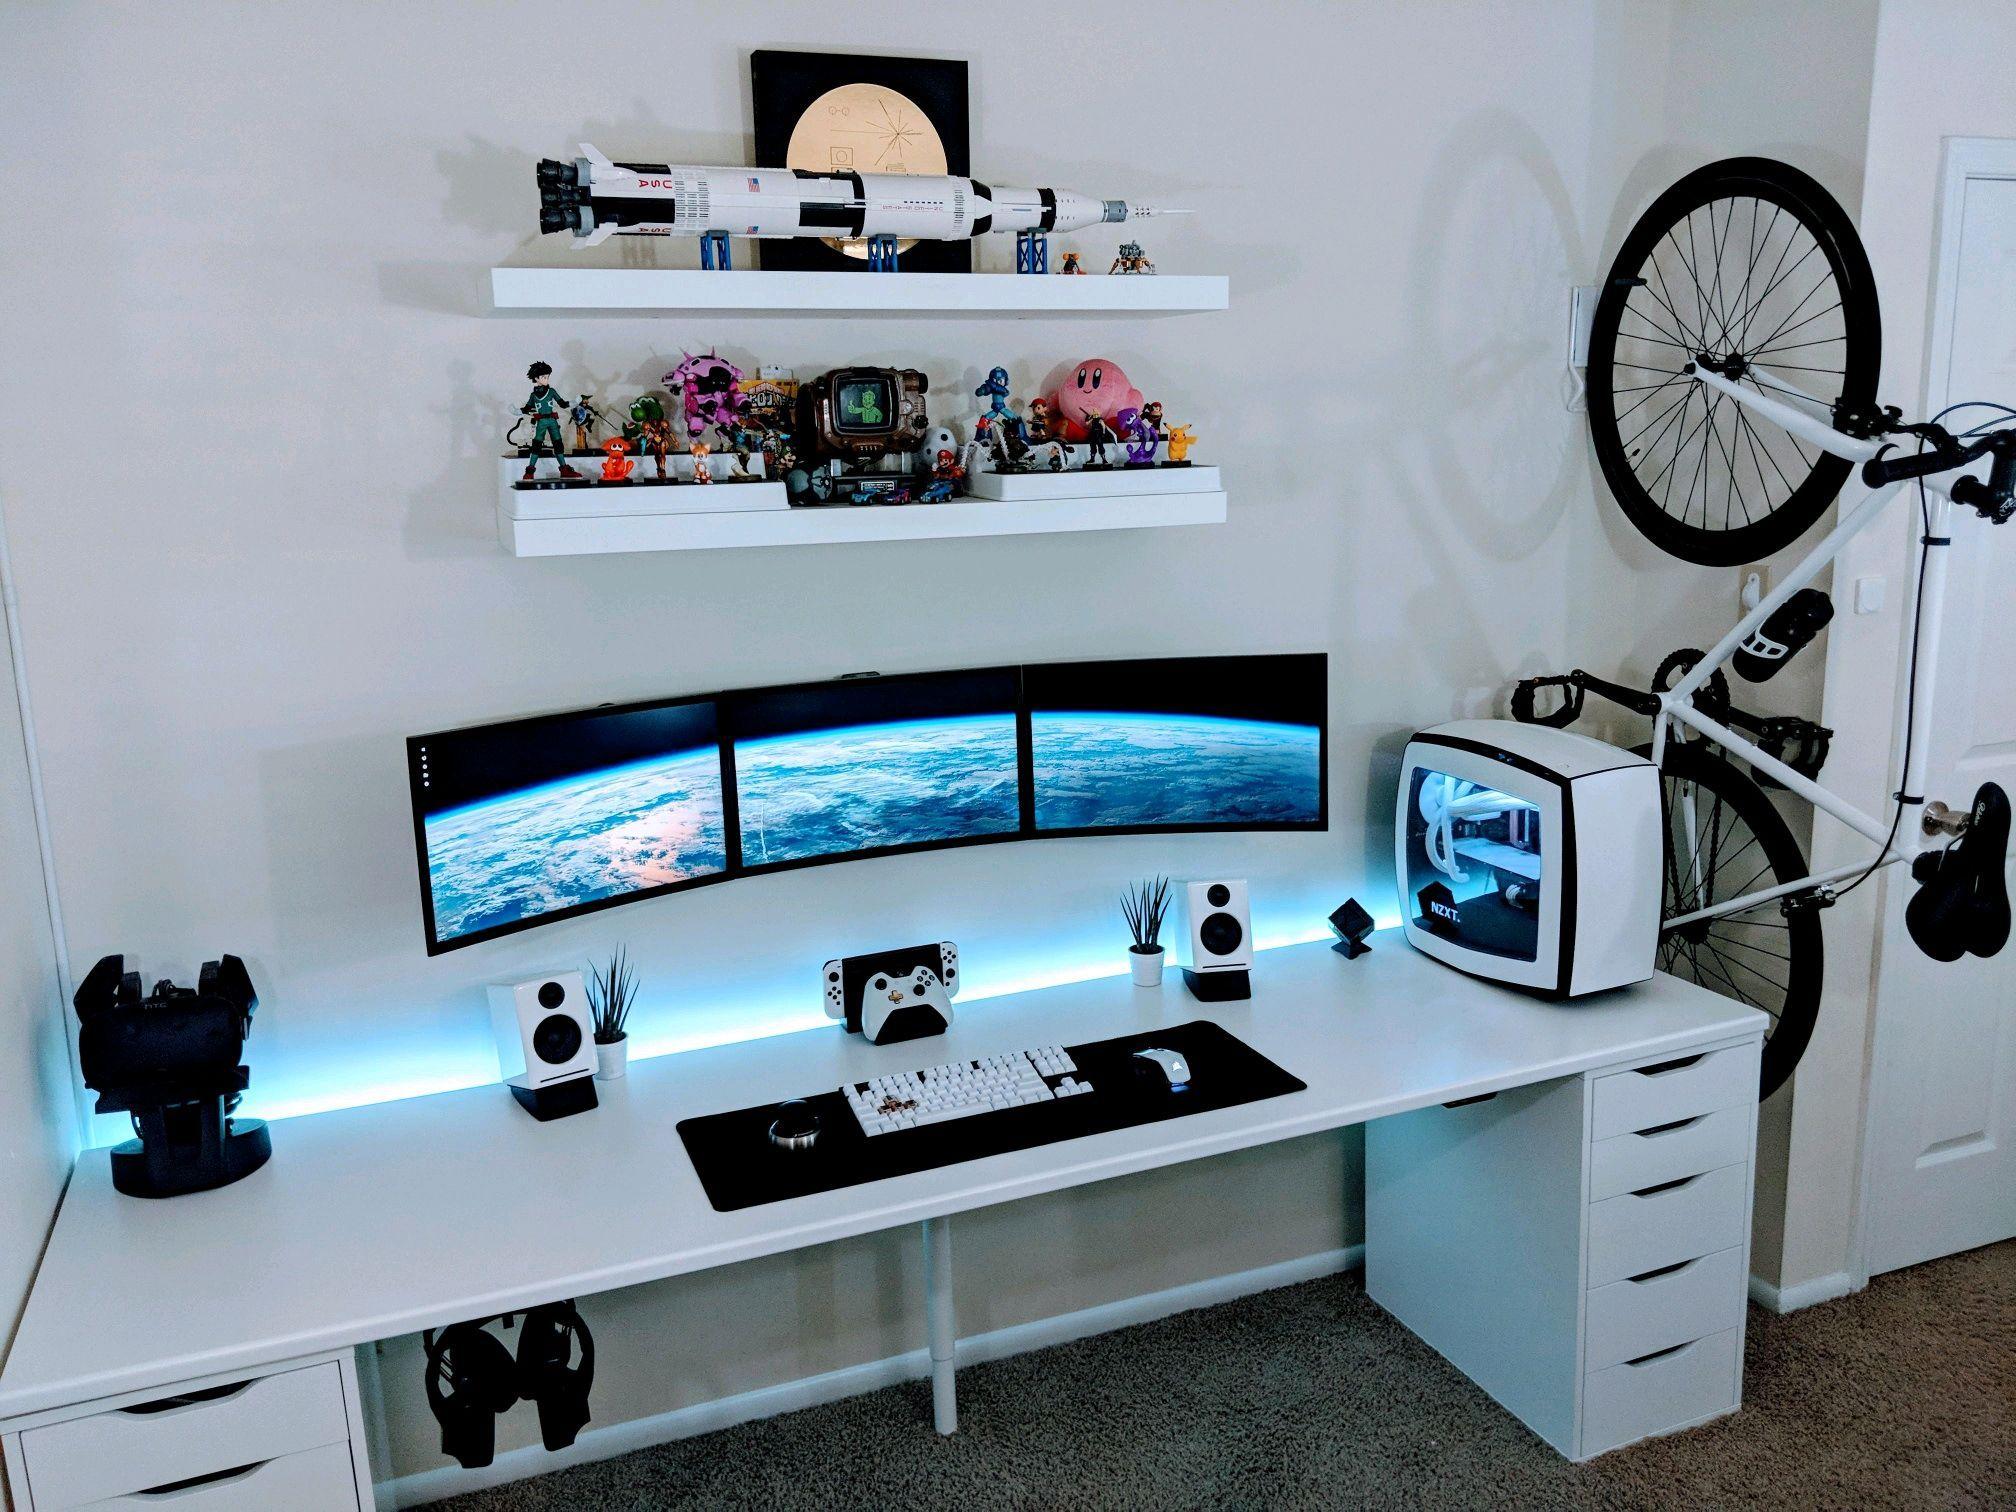 finished building today mark i game room design gaming setup et room. Black Bedroom Furniture Sets. Home Design Ideas